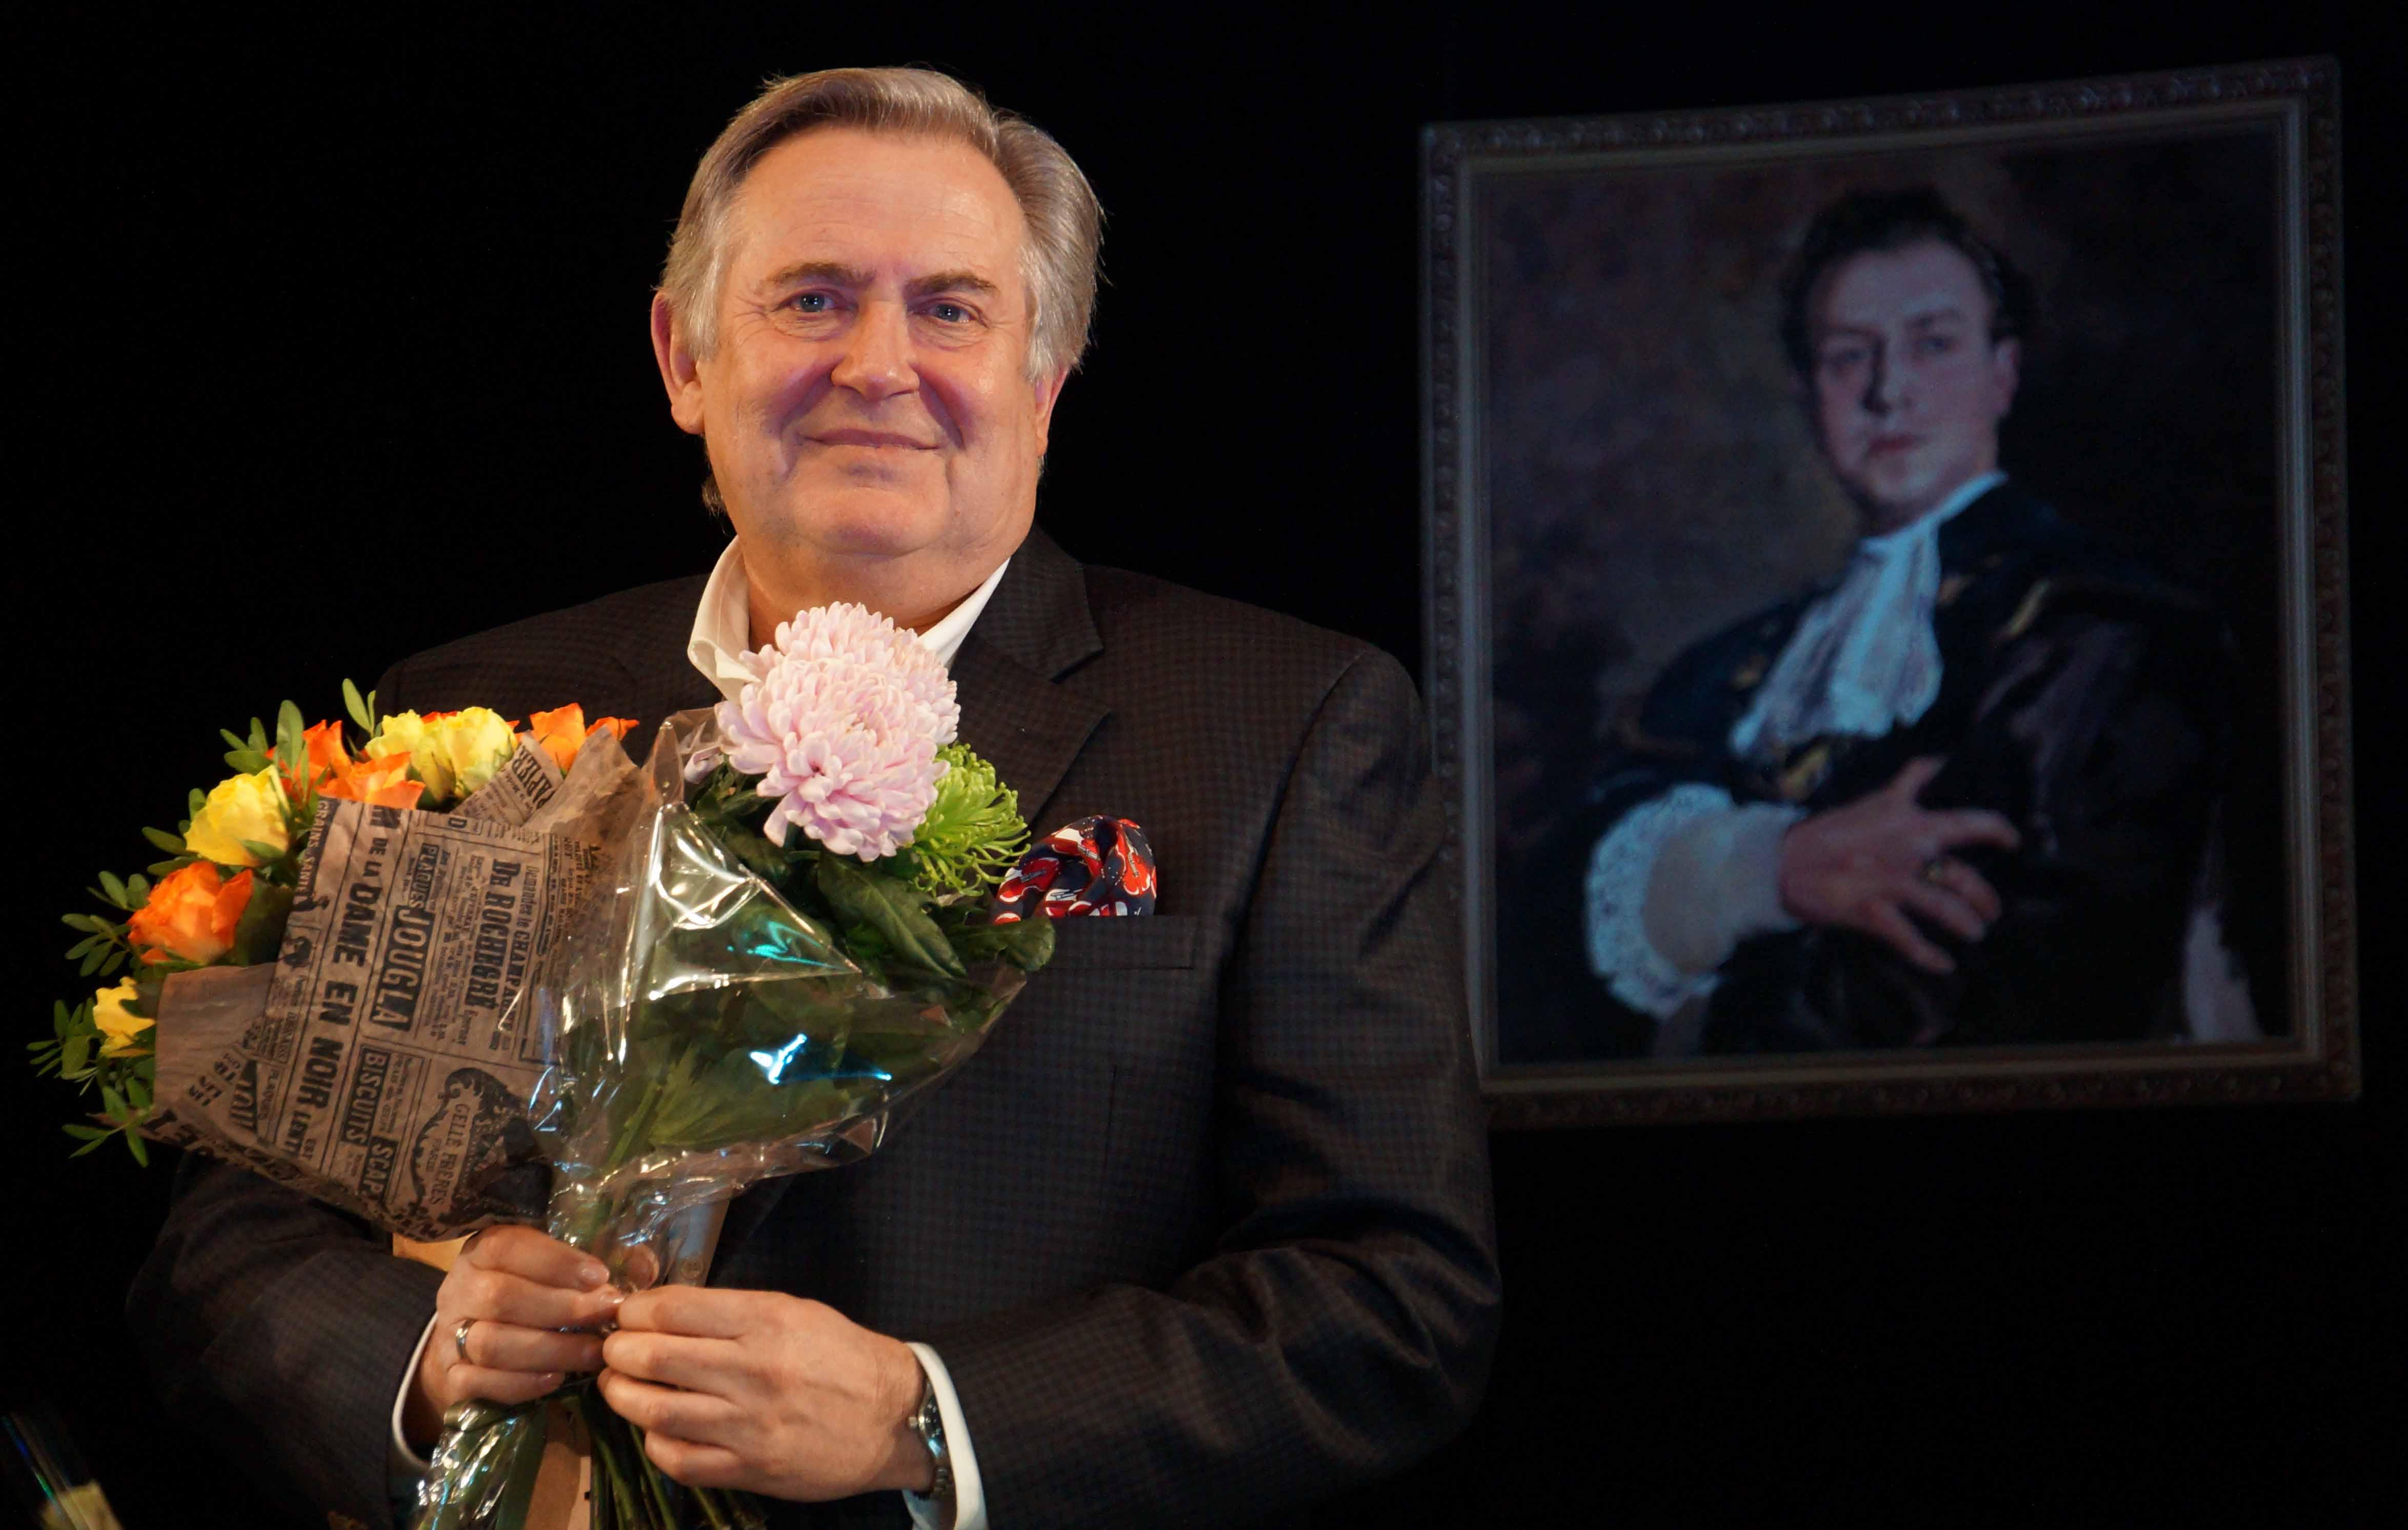 Владислав стржельчик и его дети фото